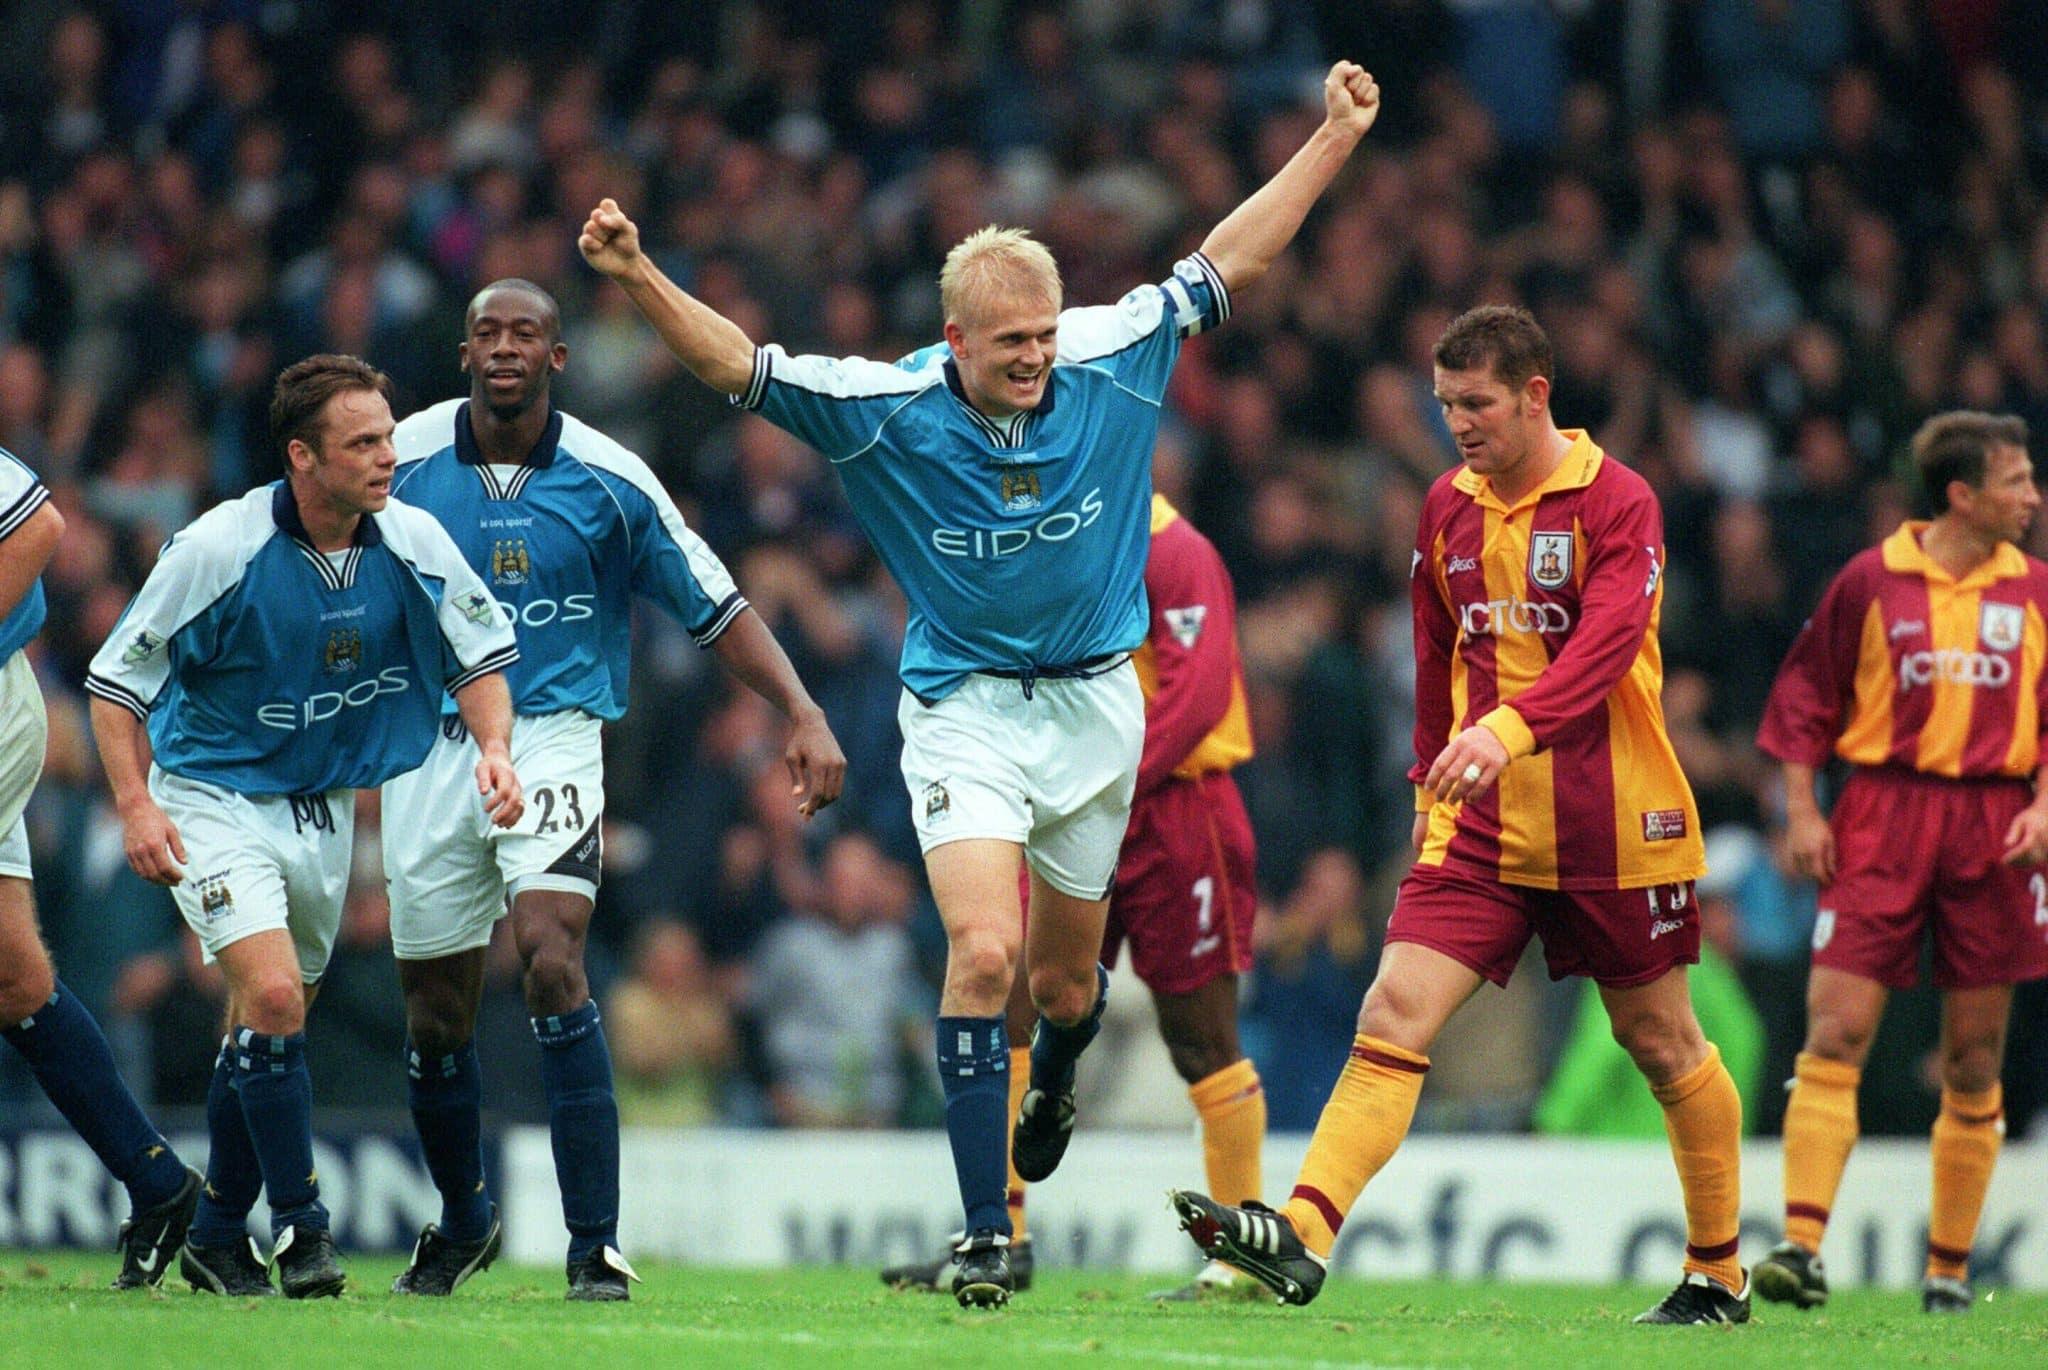 Pai de Haaland encerrou a carreira no Manchester City - e teve rixa histórica com Roy Keane